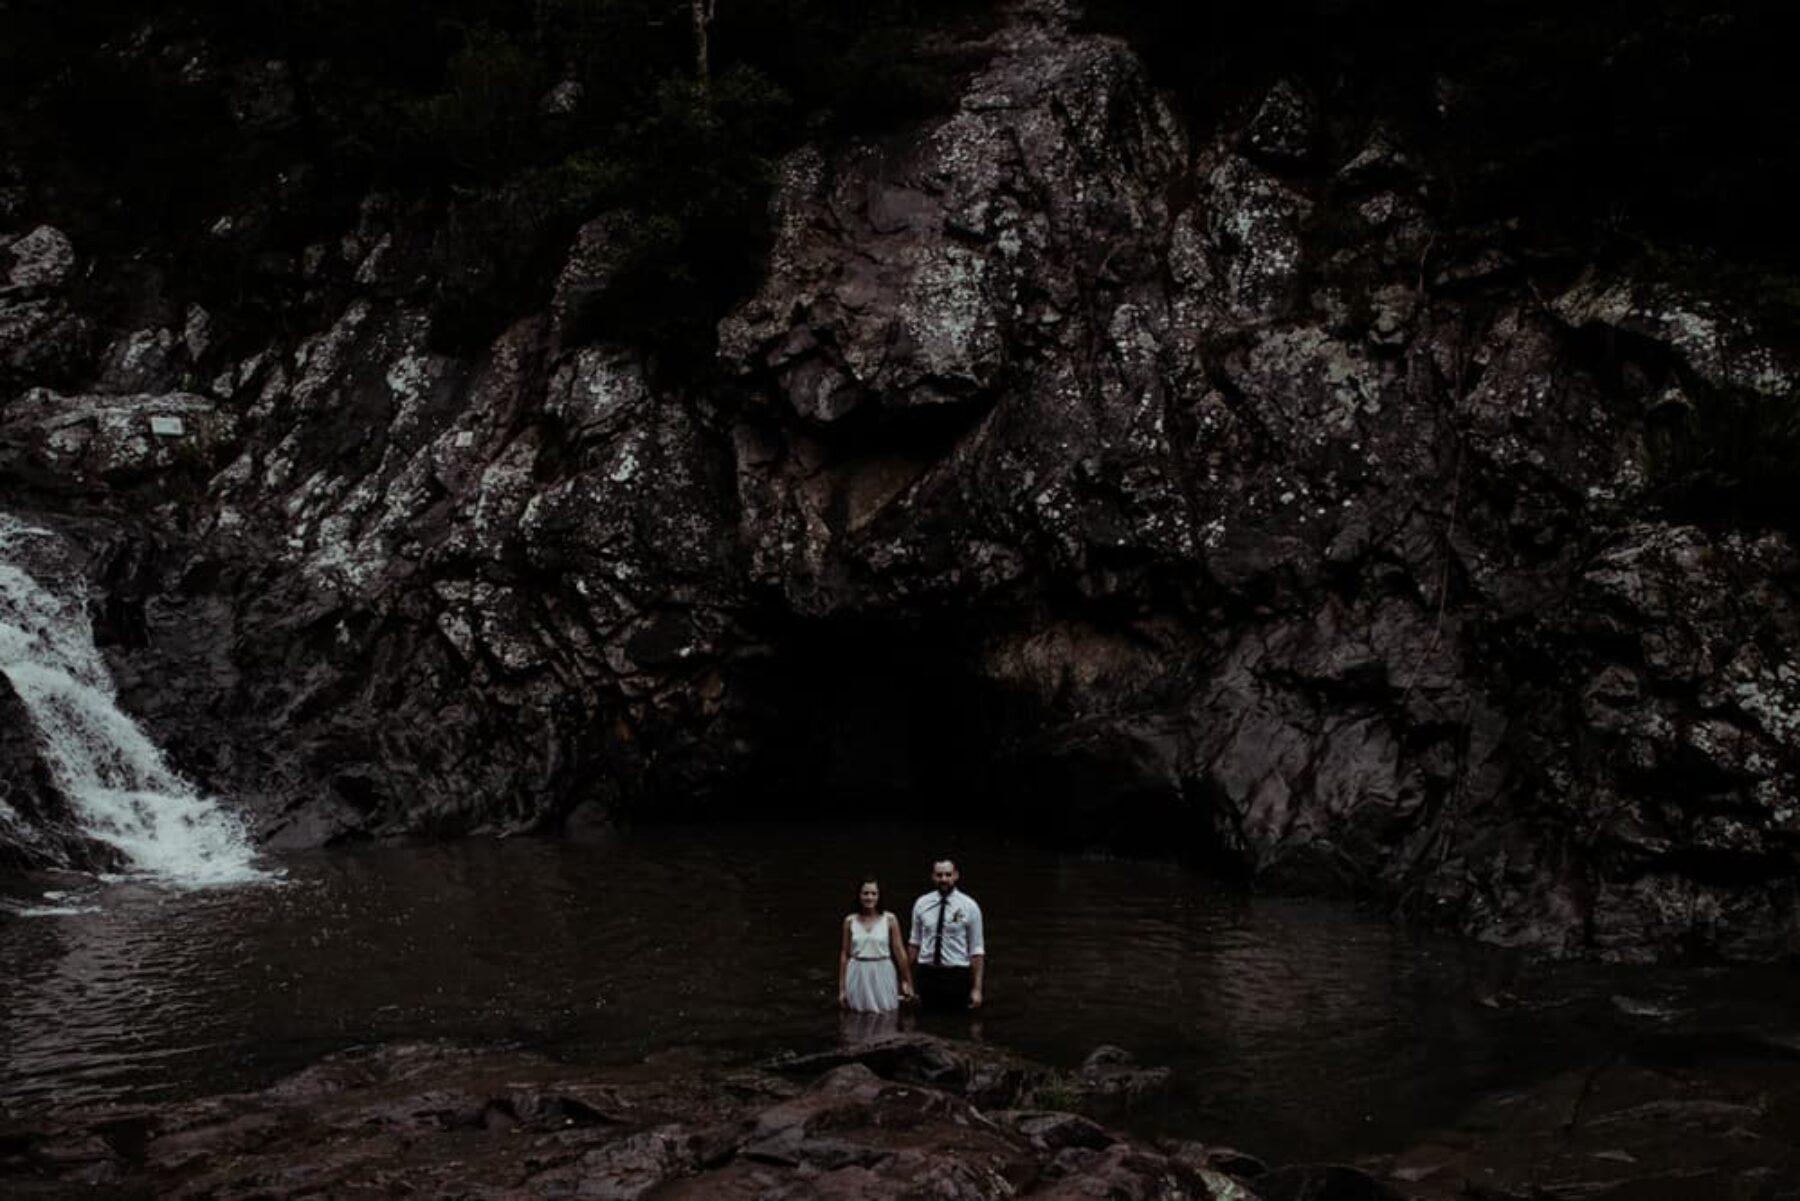 Tamborine Mountain elopement - photography by Aaron Shum